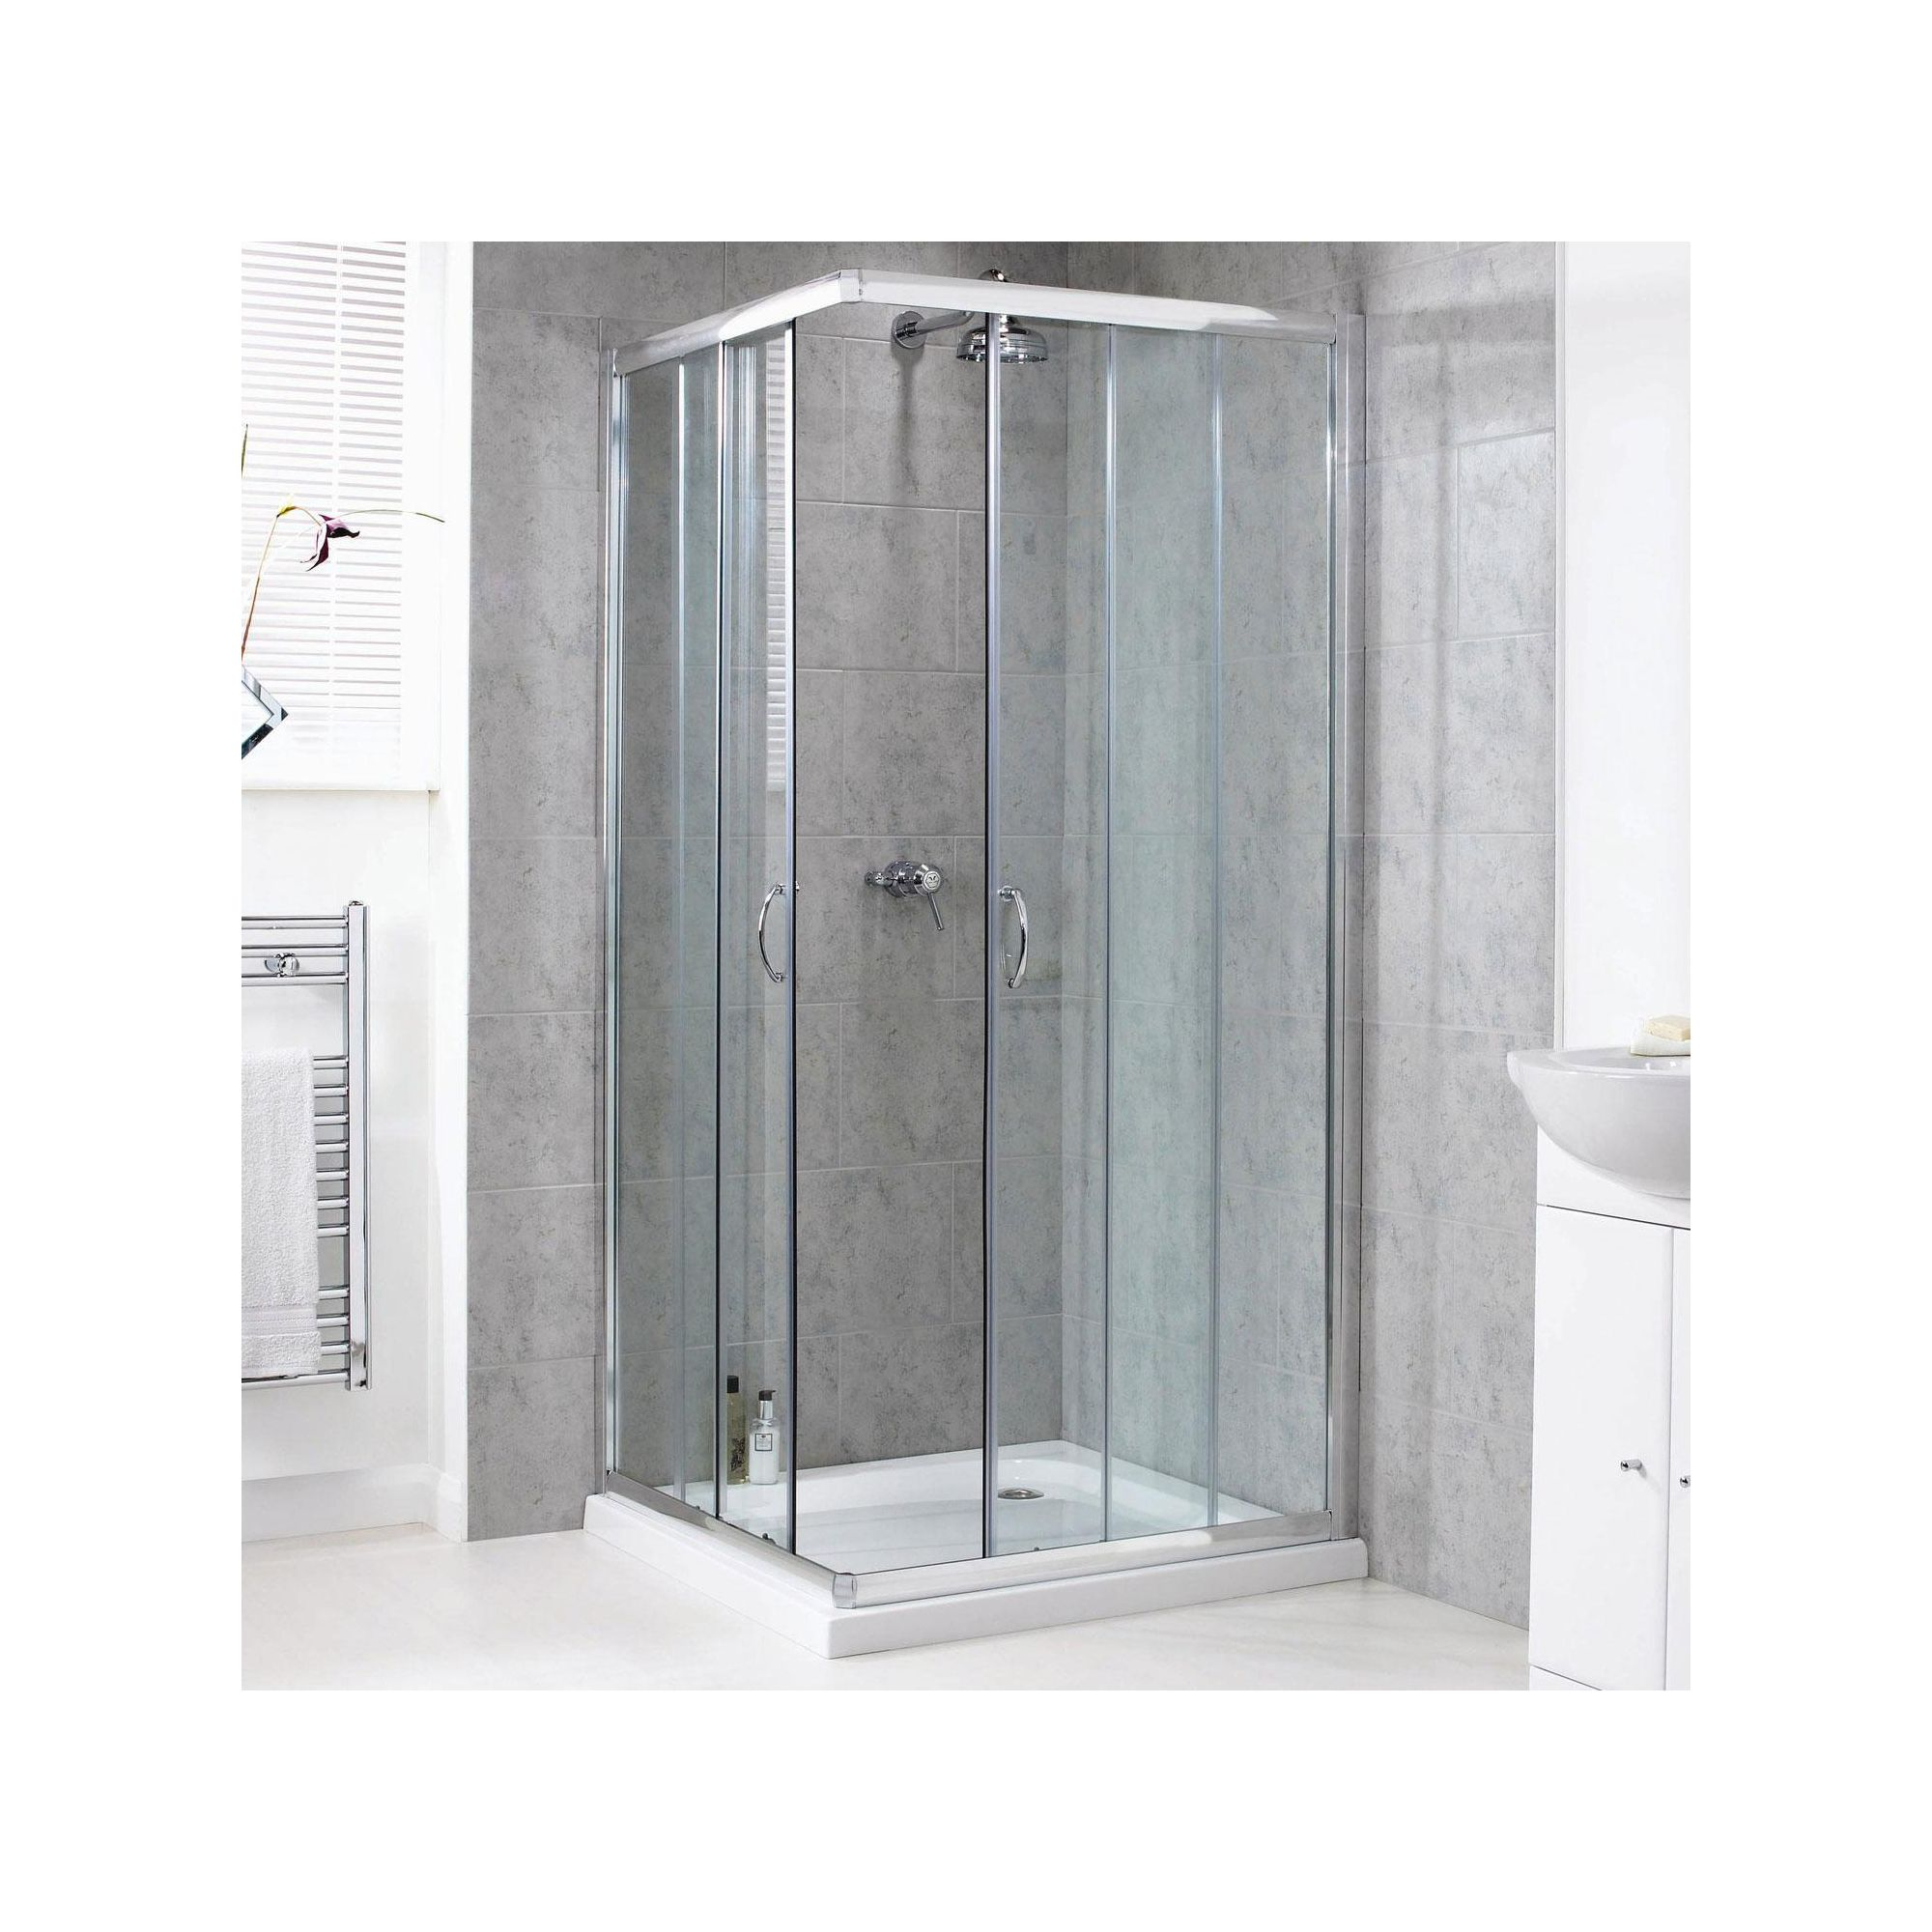 Aqualux Shine Corner Entry Shower Door, 900mm x 900mm, Polished Silver Frame, 6mm Glass at Tescos Direct